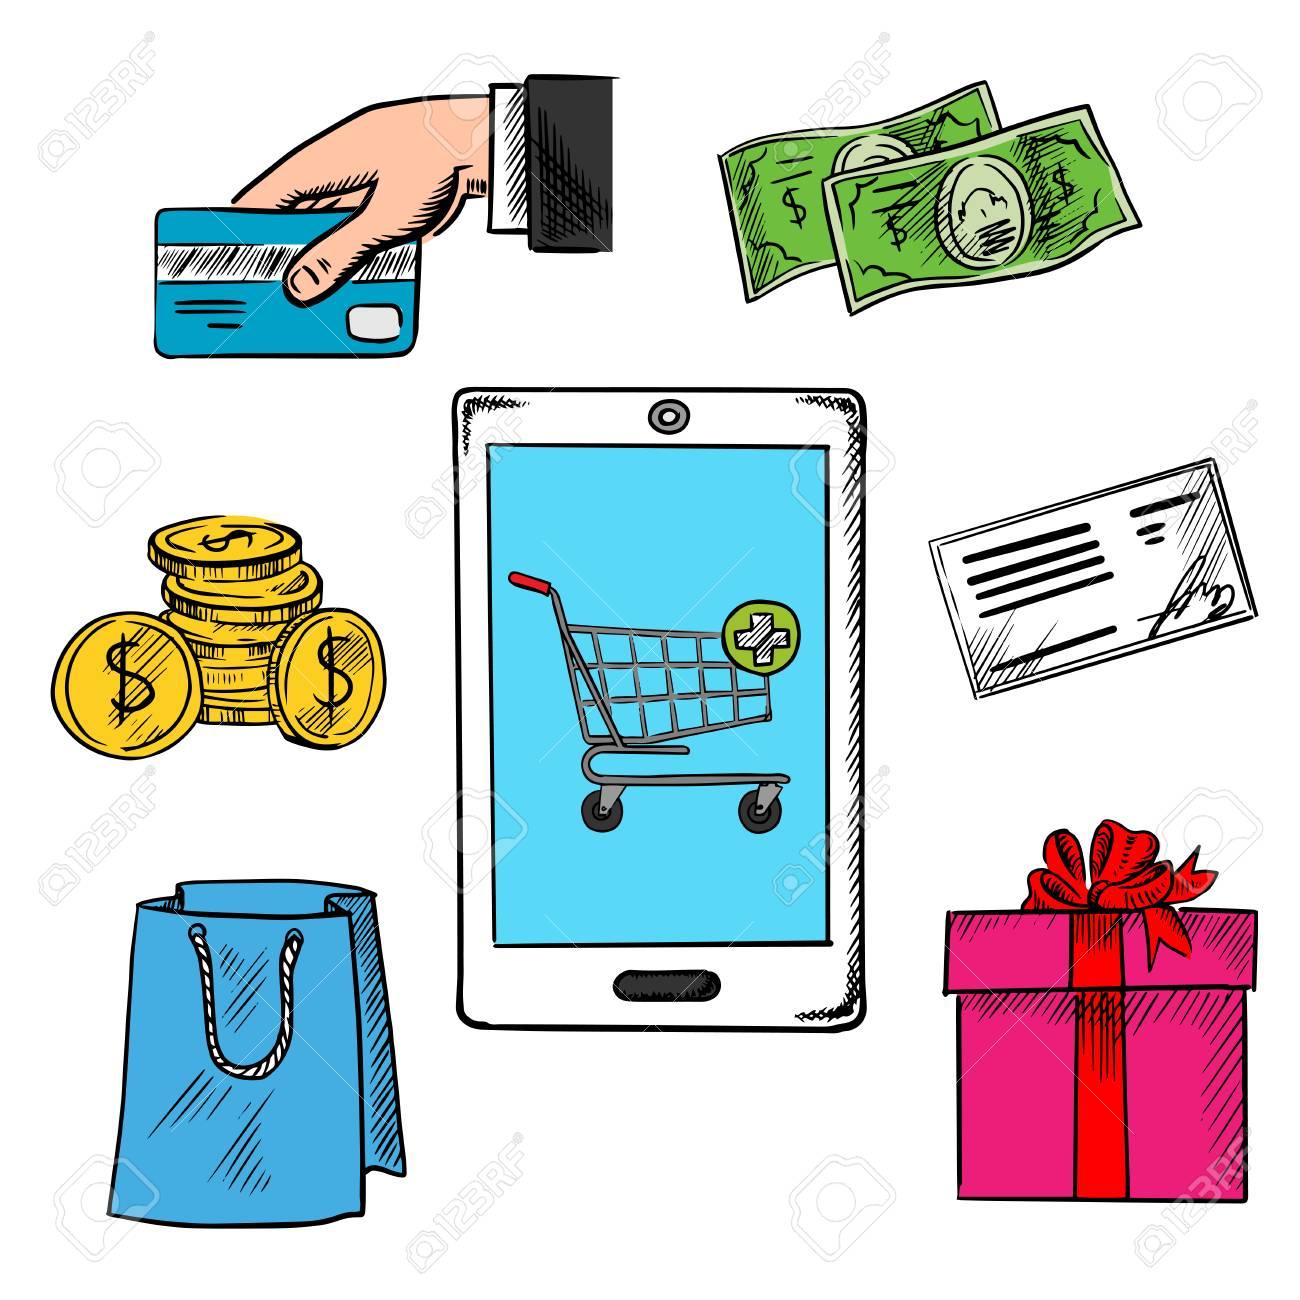 Conozca las opciones de pago online más utilizadas en Chile